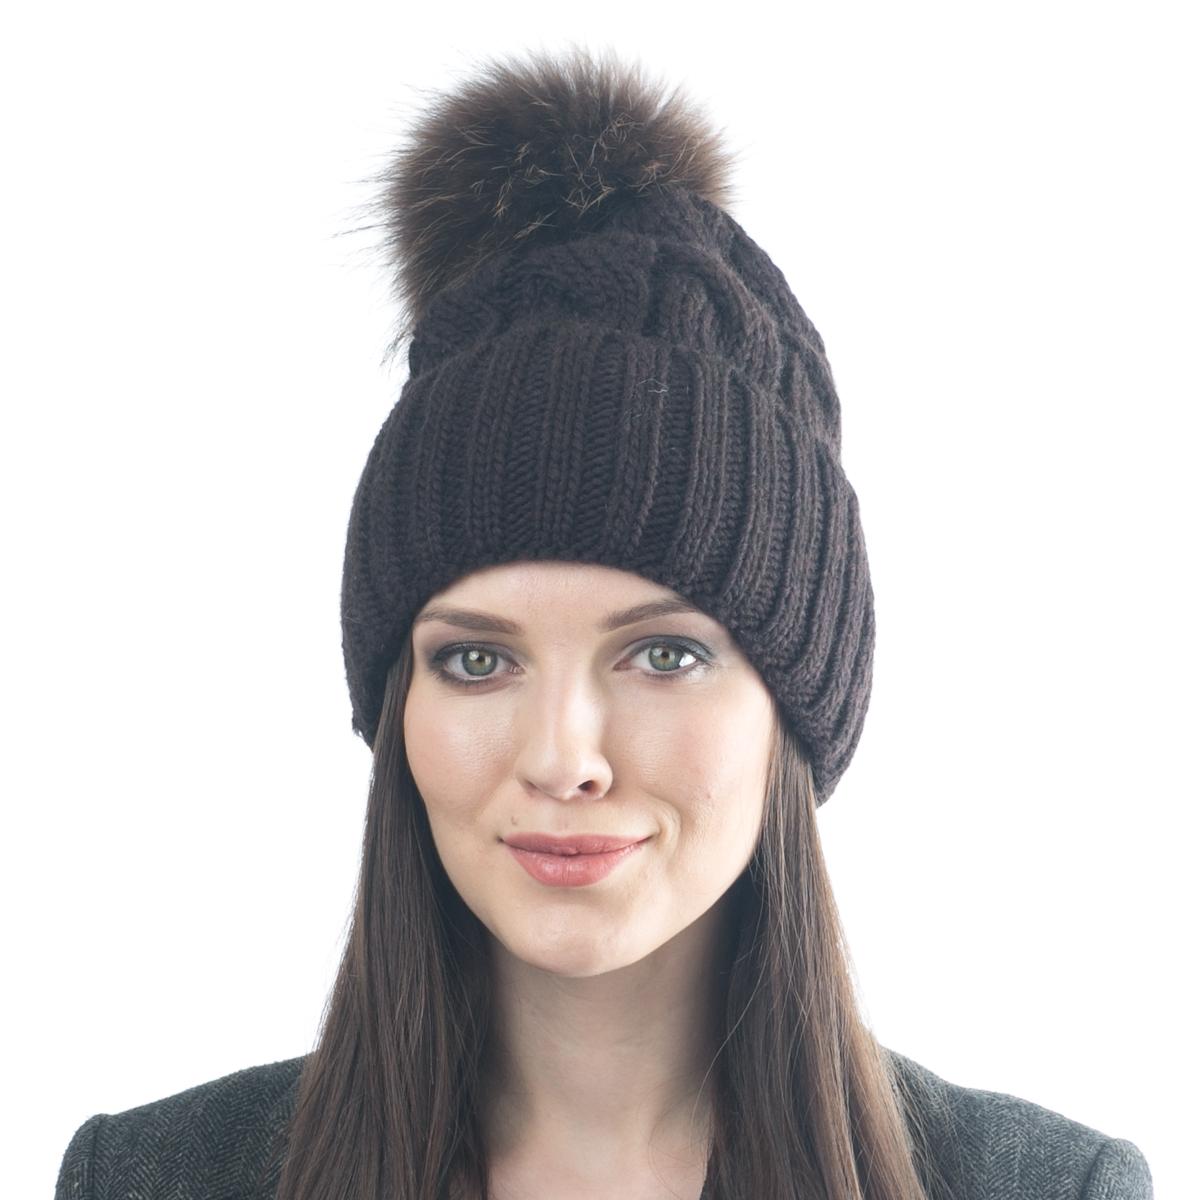 Шапка женская Flioraj, цвет: темно-коричневый. 013/2FJ. Размер 56/58013/2FJМягкая и очень удобная шапка от Flioraj, связанная из овечьей шерсти и шерсти горной альпаки, отлично согреет в холодную погоду. Состав пряжи делает изделие мягким, теплым и комфортным. Модель выполнена крупными косами, дополнена отворотом и меховым крашеным помпоном из енота коричневого цвета. Оттенок помпона может отличаться.